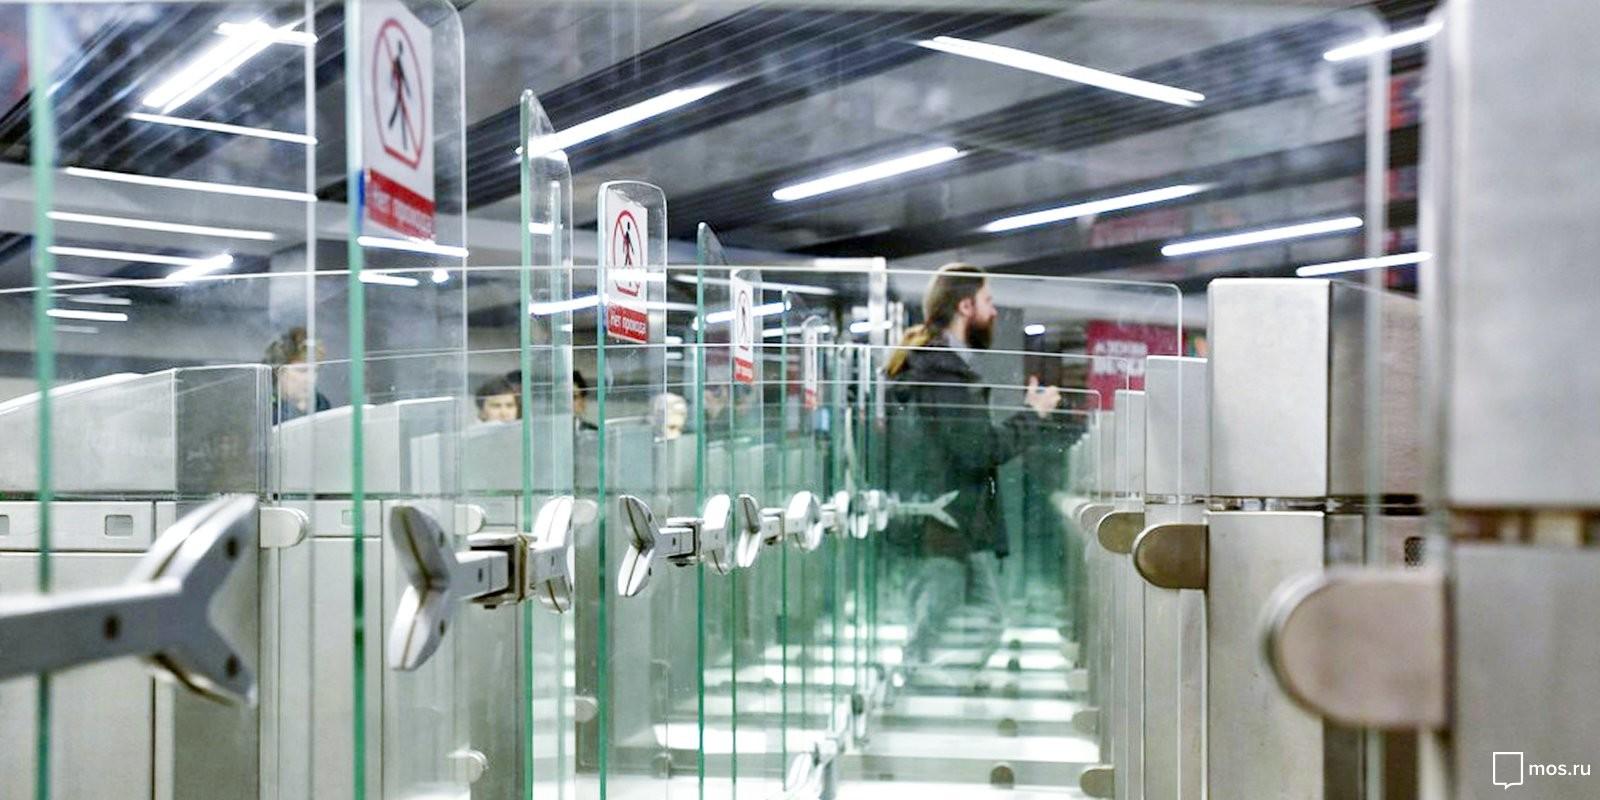 Северный вестибюль станции метро «Каховская» закрыли наремонт до3августа